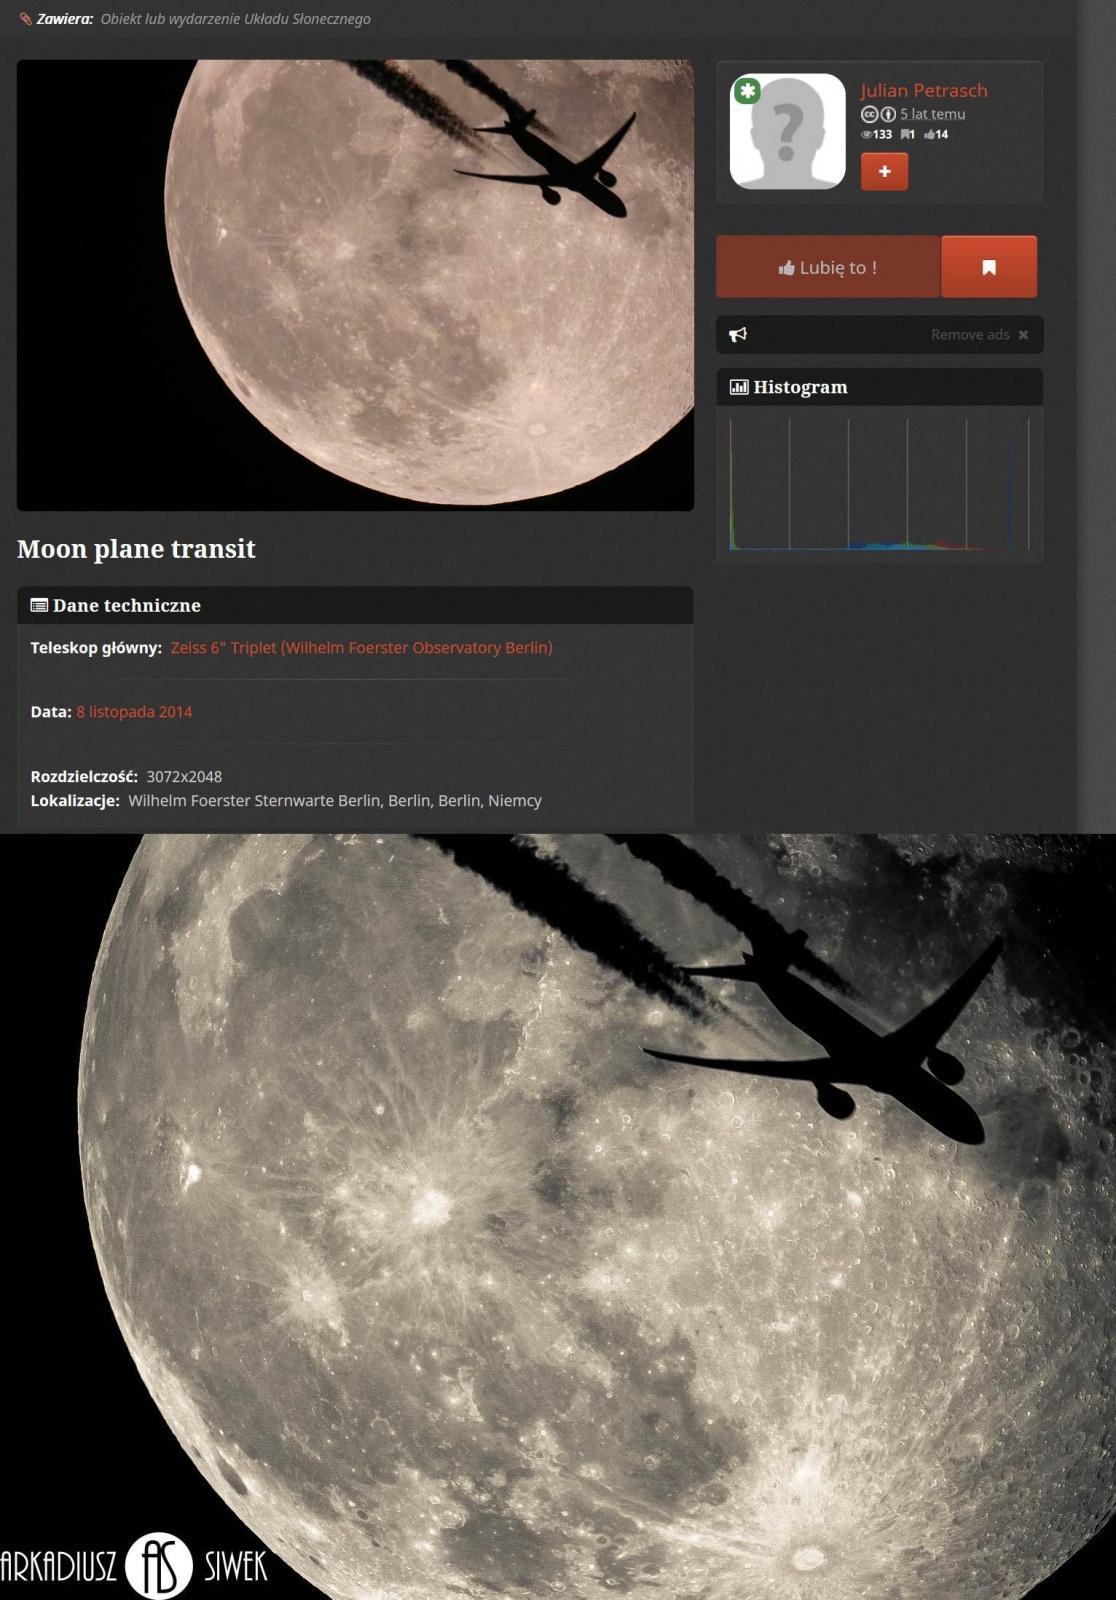 Moon_Plane.thumb.jpg.34ac86644409f1a8a9e77460aef116c4.jpg